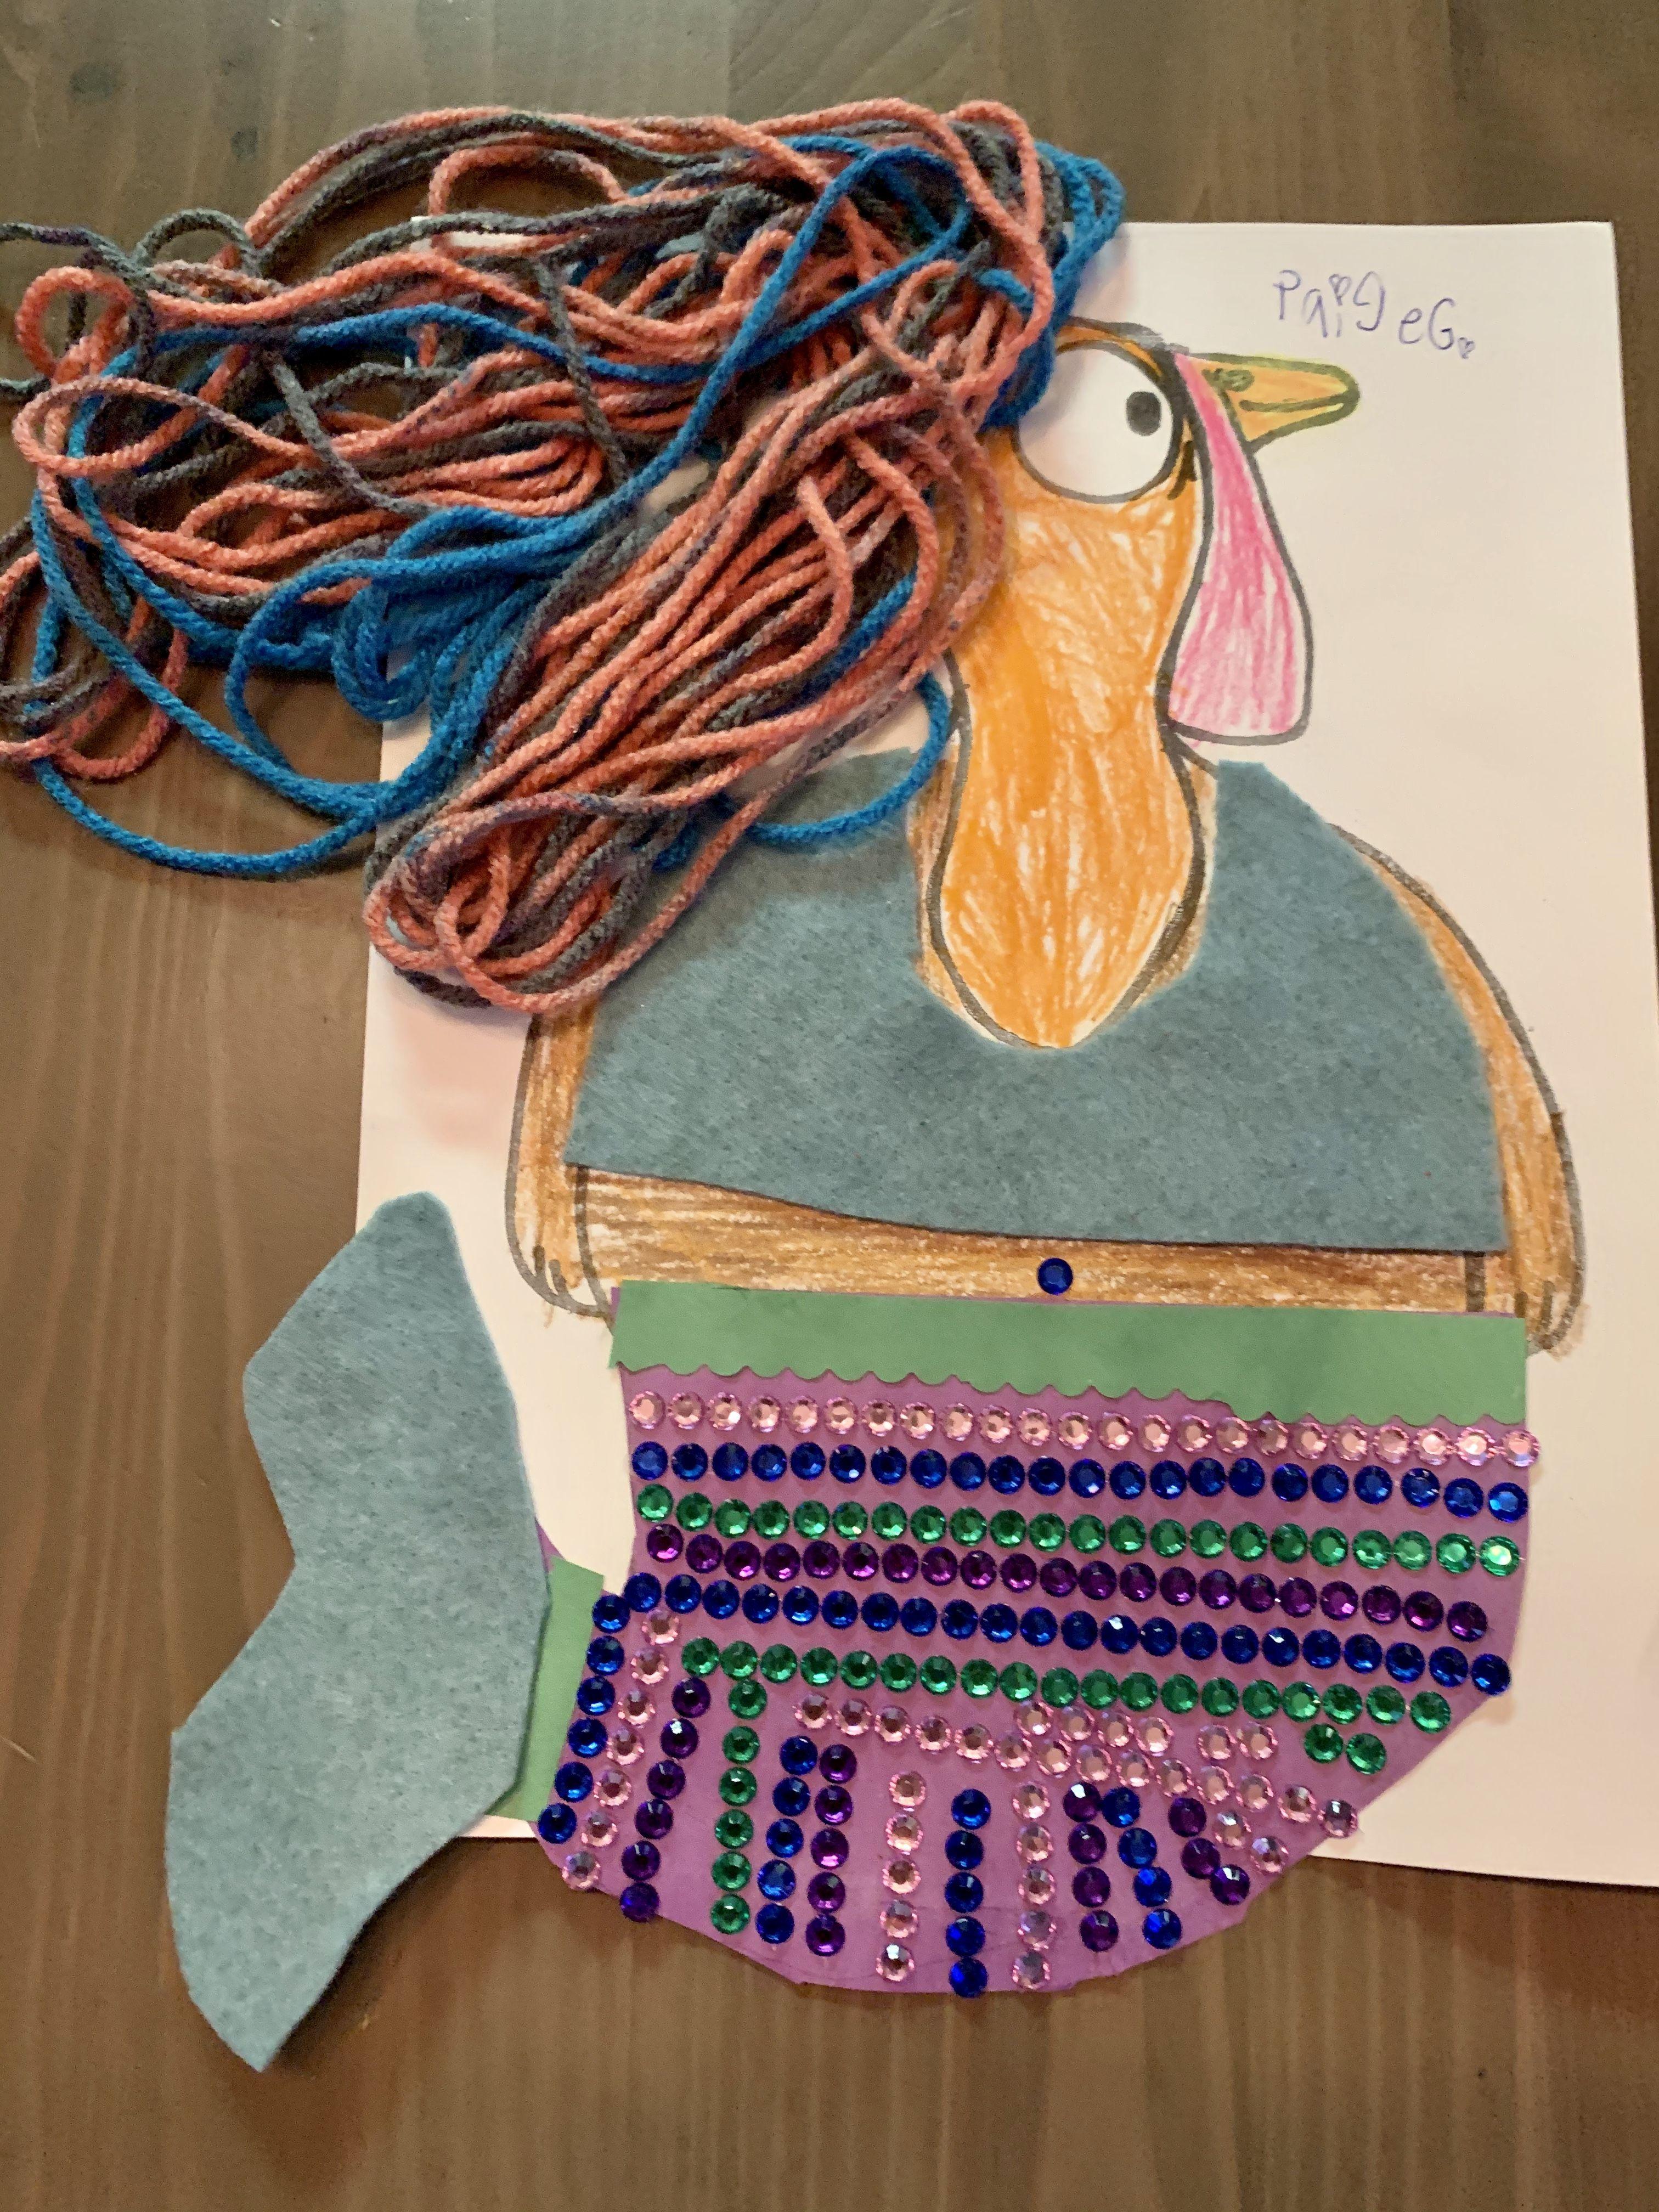 Disguise a turkey school project- mermaid turkey, hide a turkey #disguiseaturkeyideas Need an idea for a girl hide a turkey project? Easy mermaid with sticker rhinestones, felt and yarn. #disguiseaturkeyideas